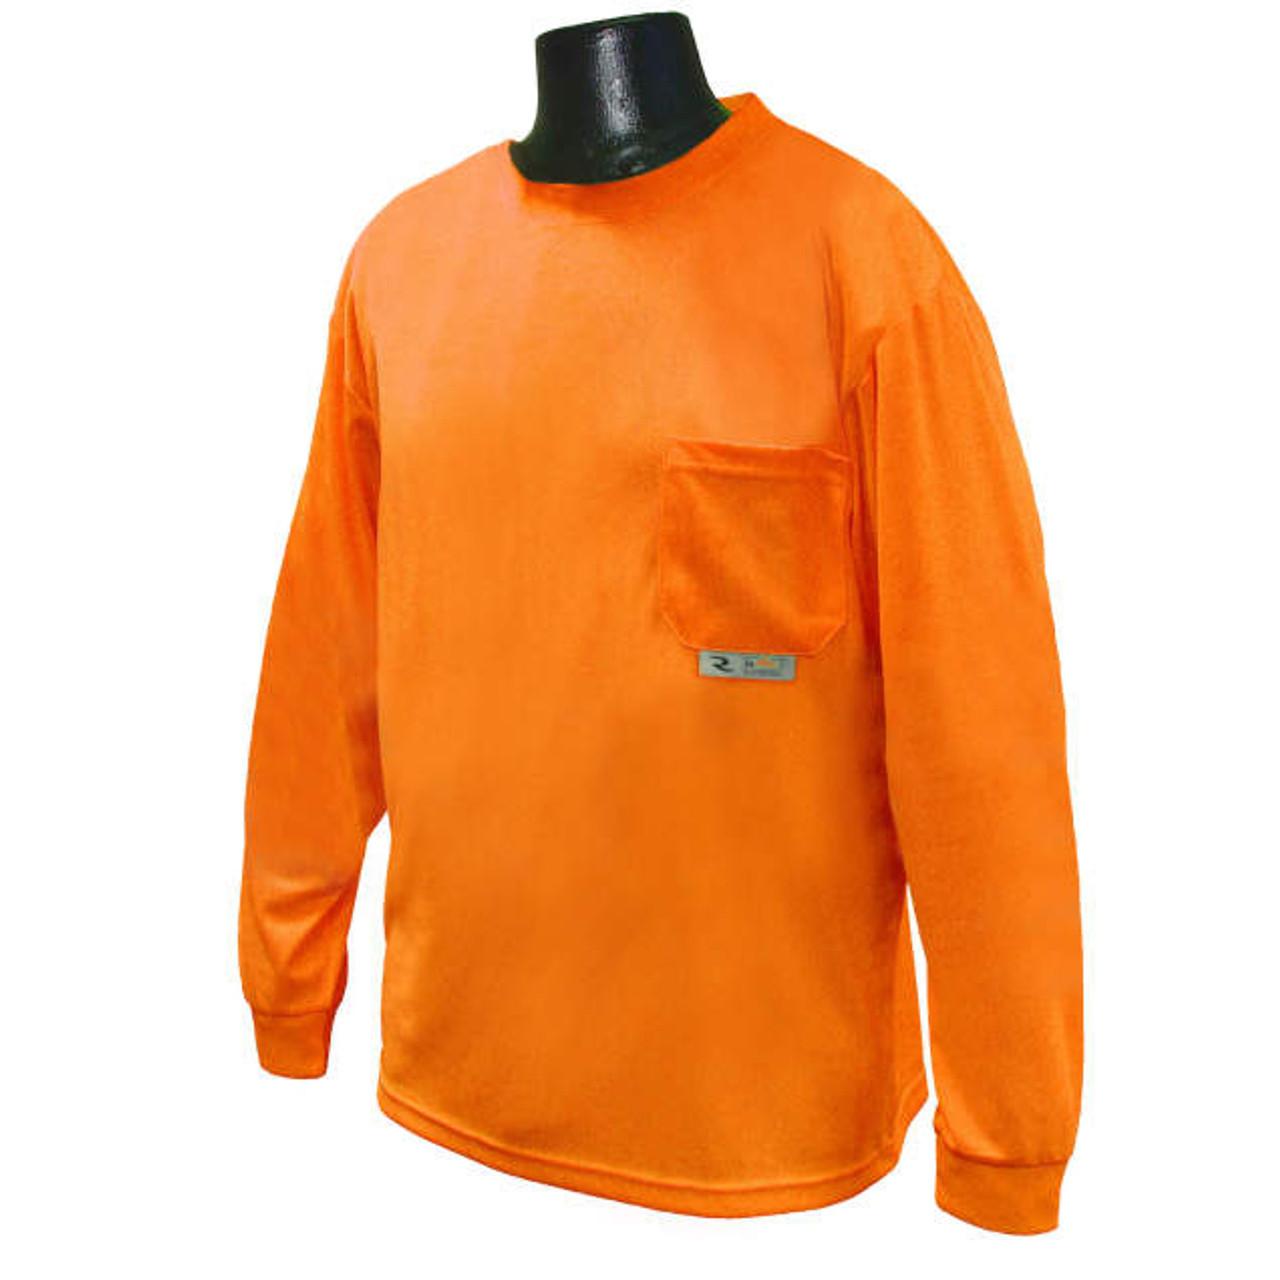 Safety Orange Long Sleeve Moisture Wicking TShirt | Hi Vis Long Sleeve TShirt | Polyester Long Sleeve Safety Orange Shirt | Long Sleeve Pocket TShirt Safety Orange